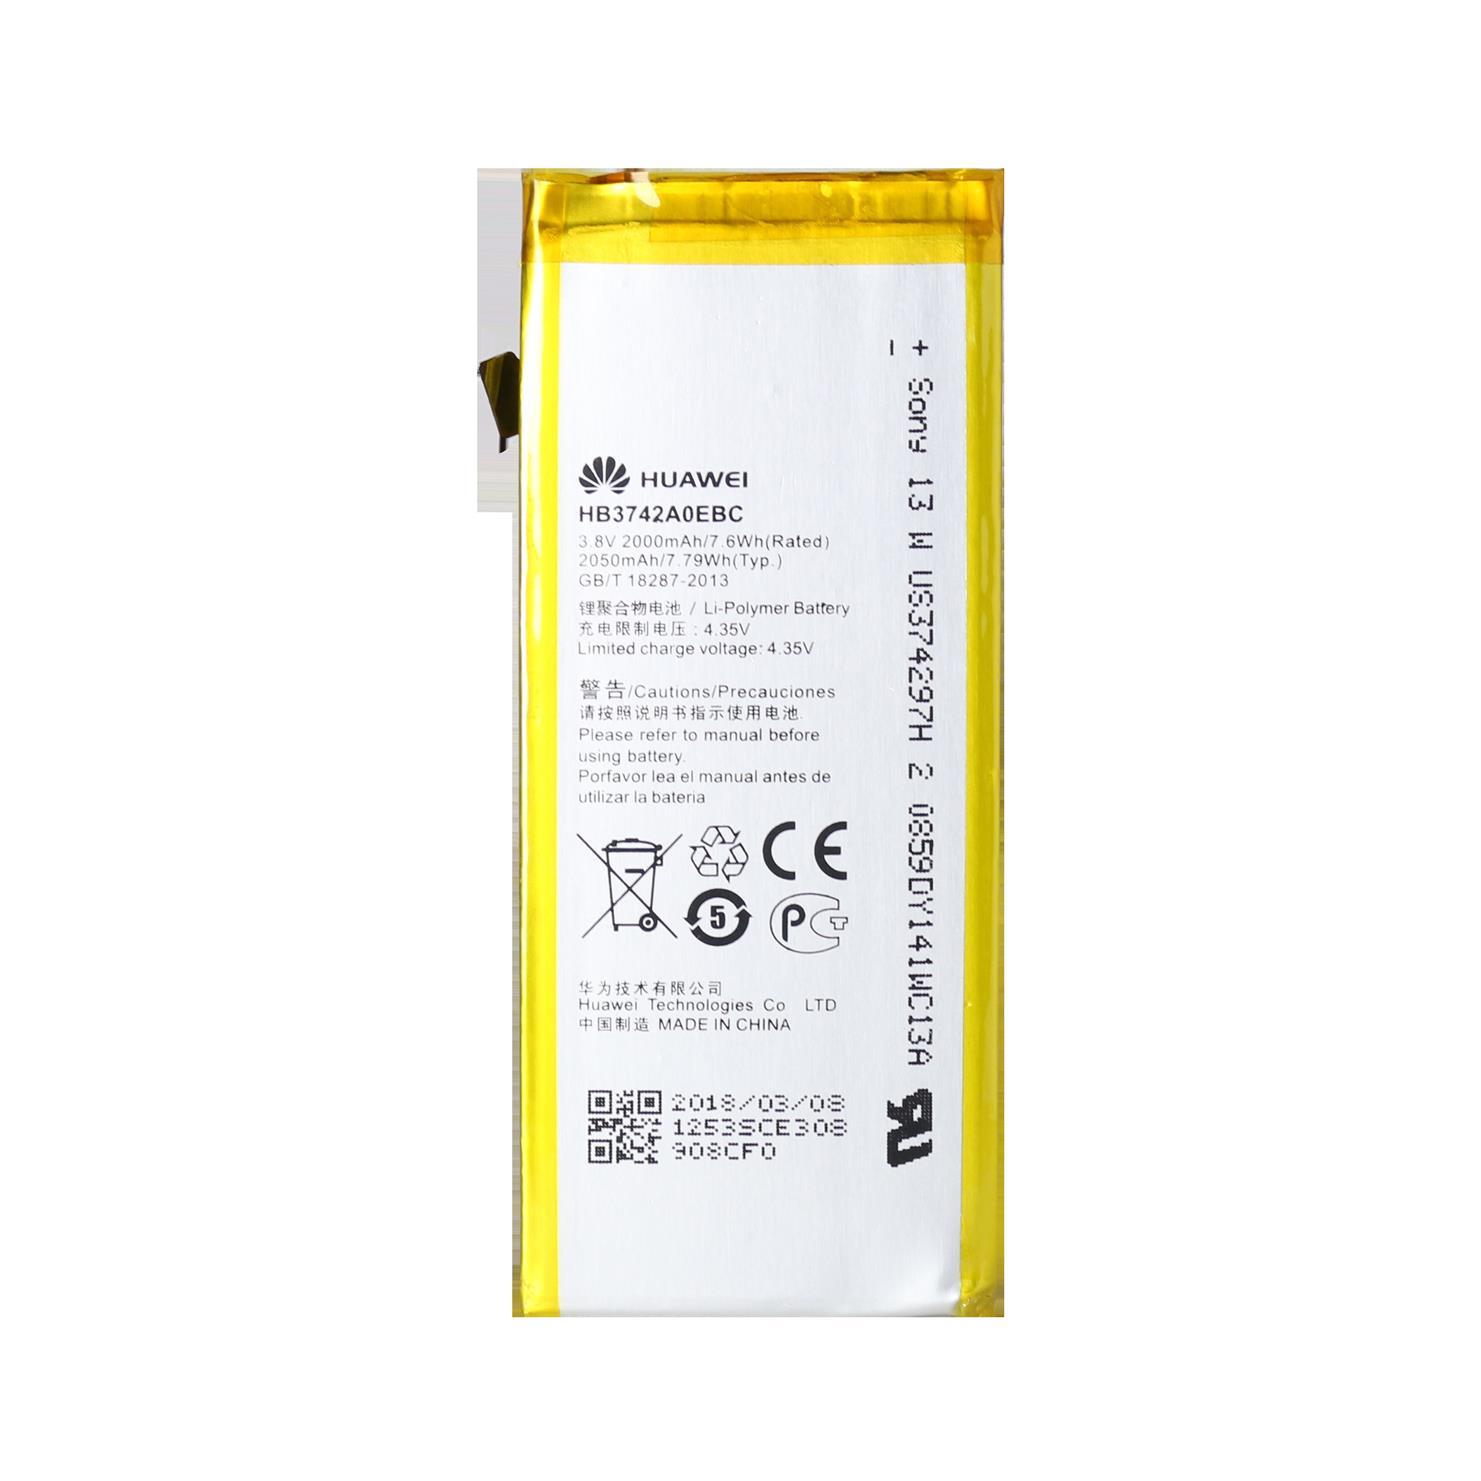 HUAWEI ASCEND P6-U06 Battery HB3742A0EBC 2000MAH - Phone